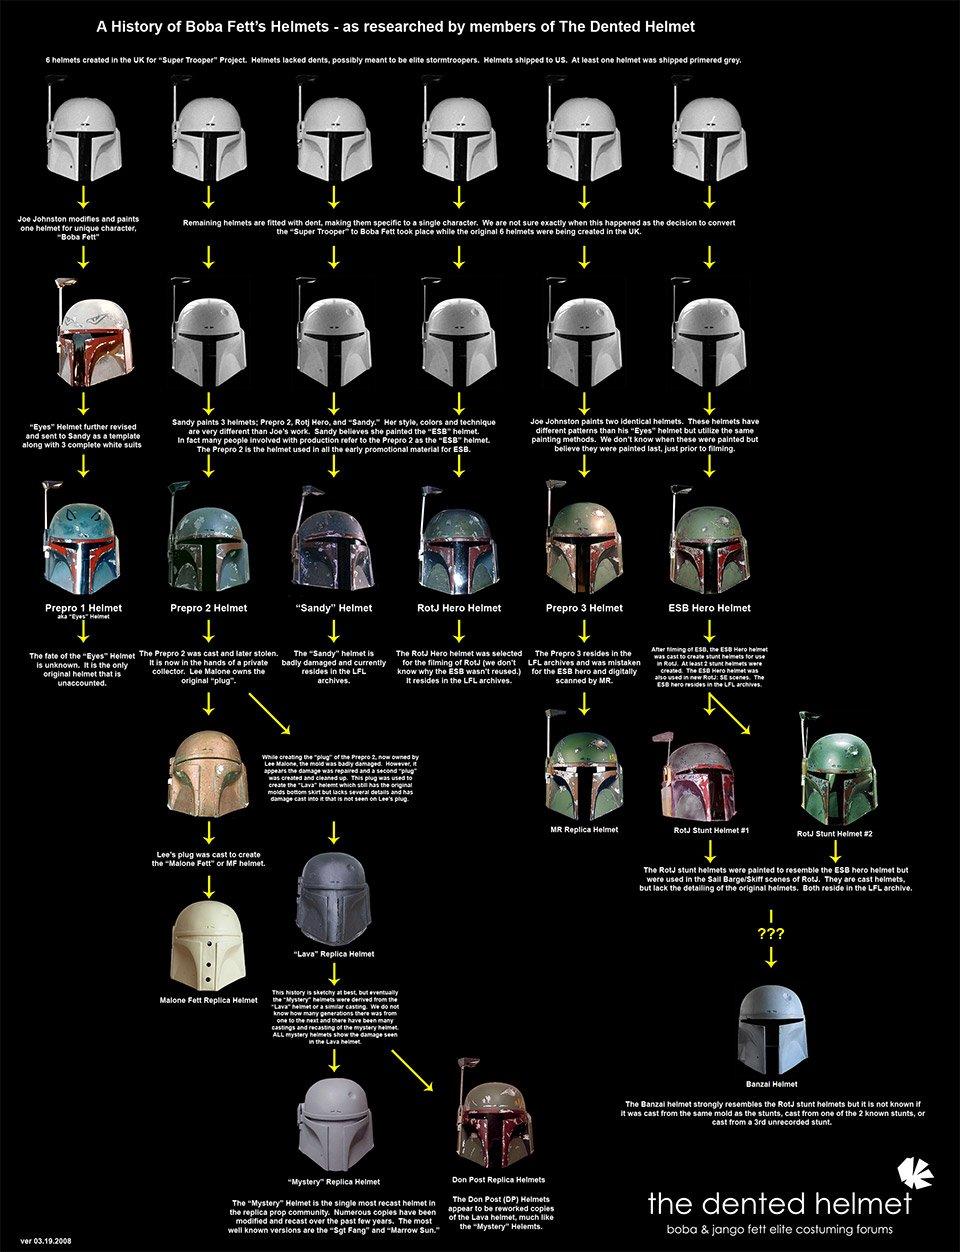 A Visual History of Boba Fett's Helmet